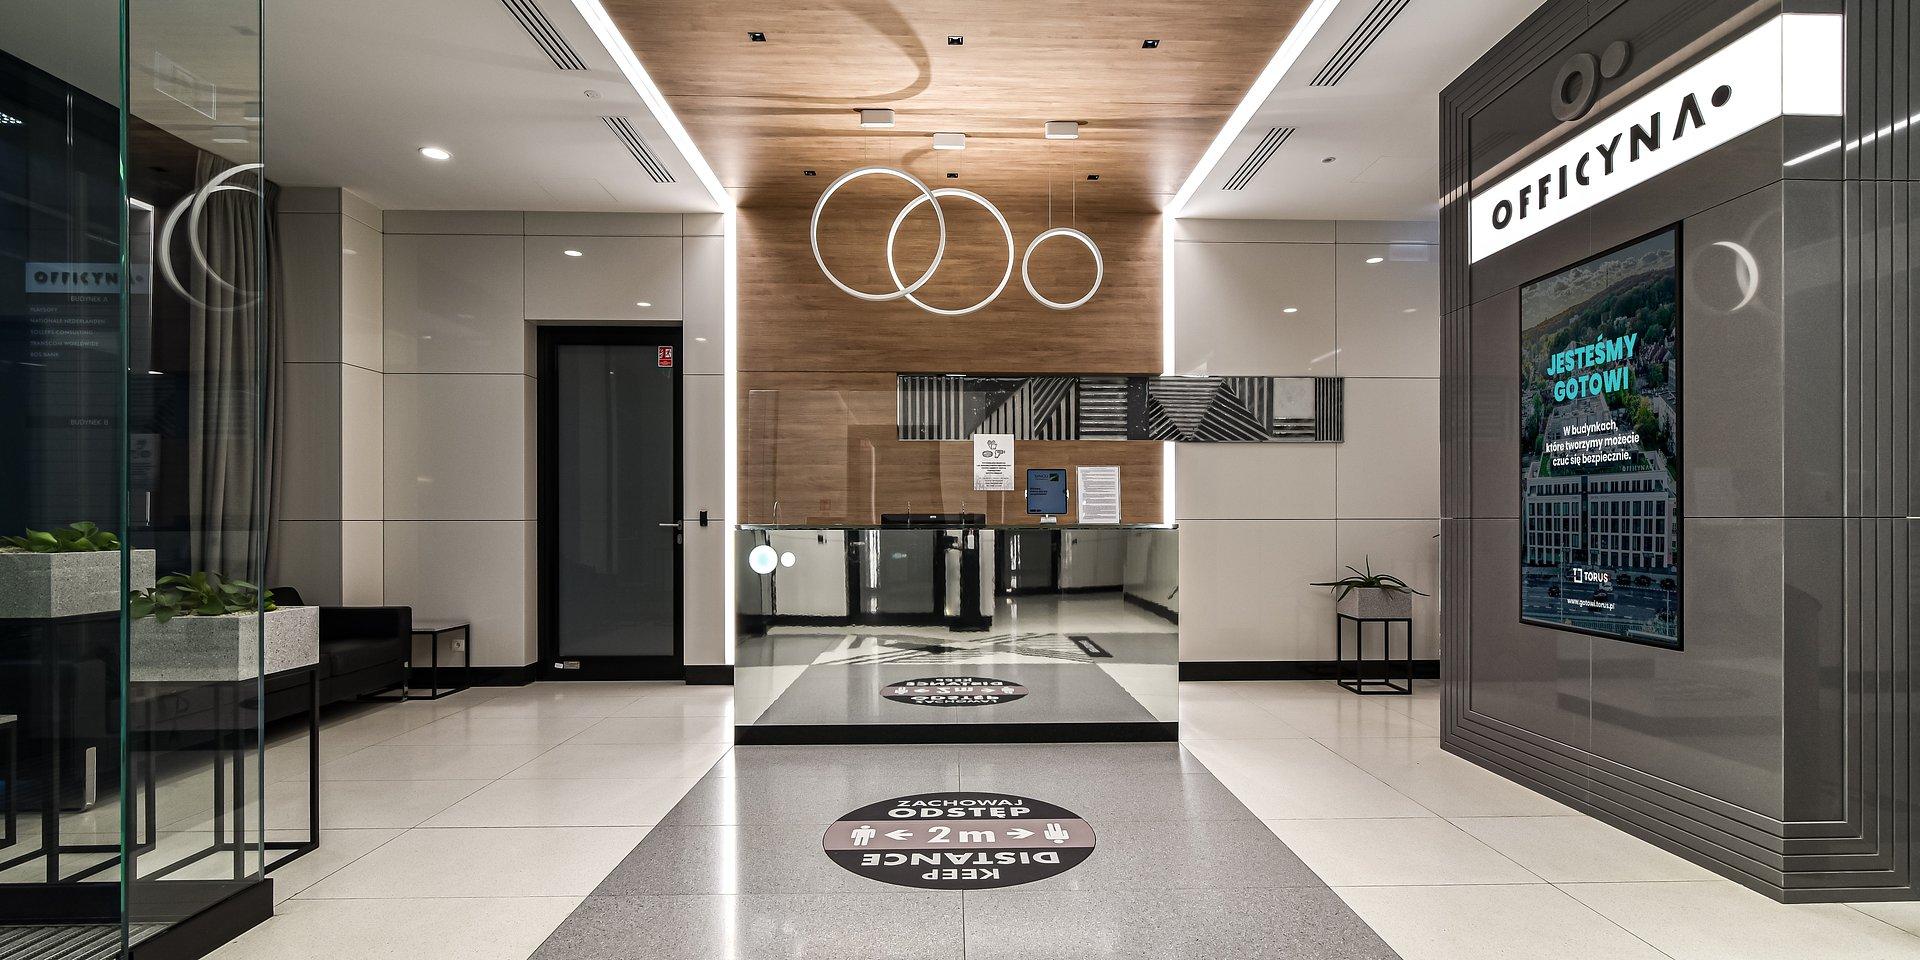 Torus wdraża pionierskie rozwiązania w biurowcach